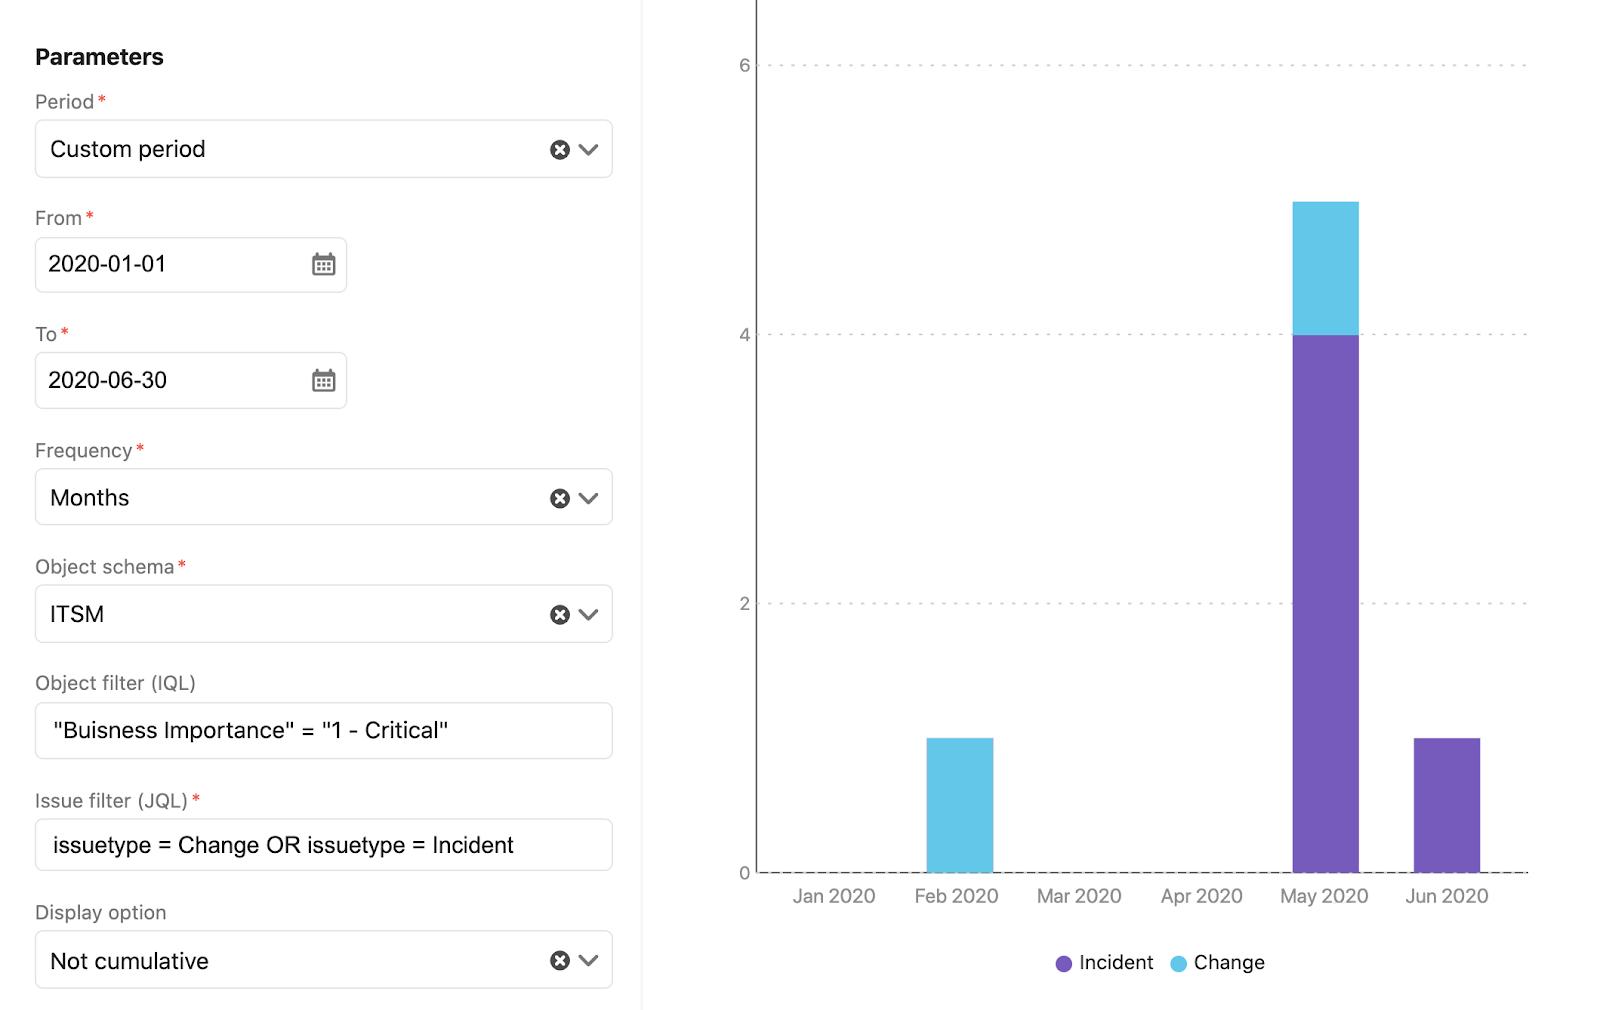 Finestra di configurazione di un report Insight che mostra il numero di modifiche o imprevisti correlati agli oggetti ai quali viene assegnata la massima importanza aziendale.